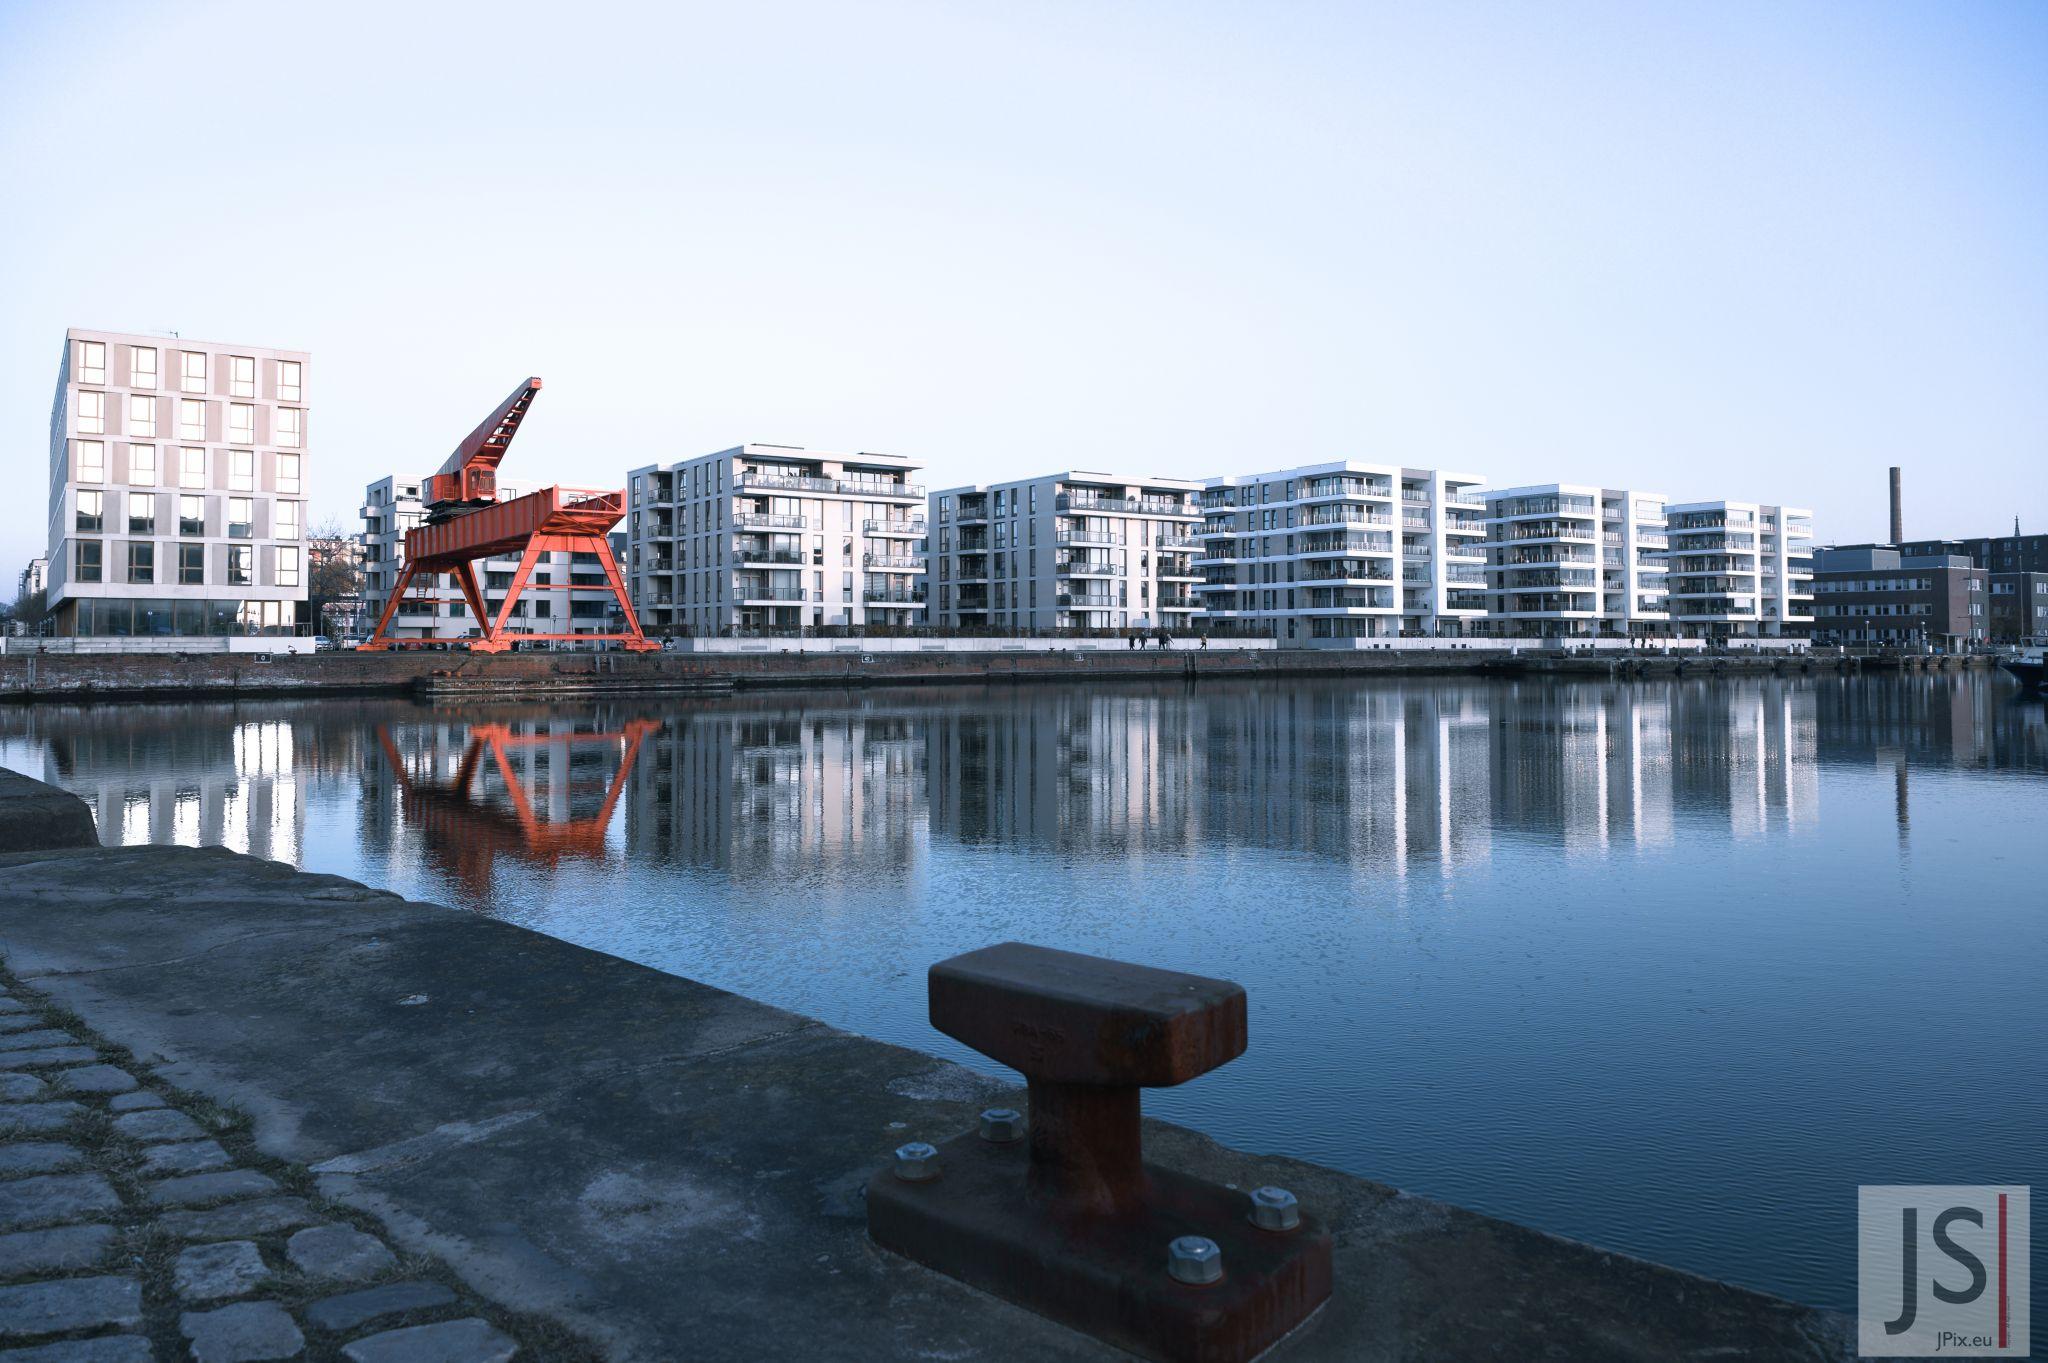 Neuer Hafen, Bremerhaven, Germany